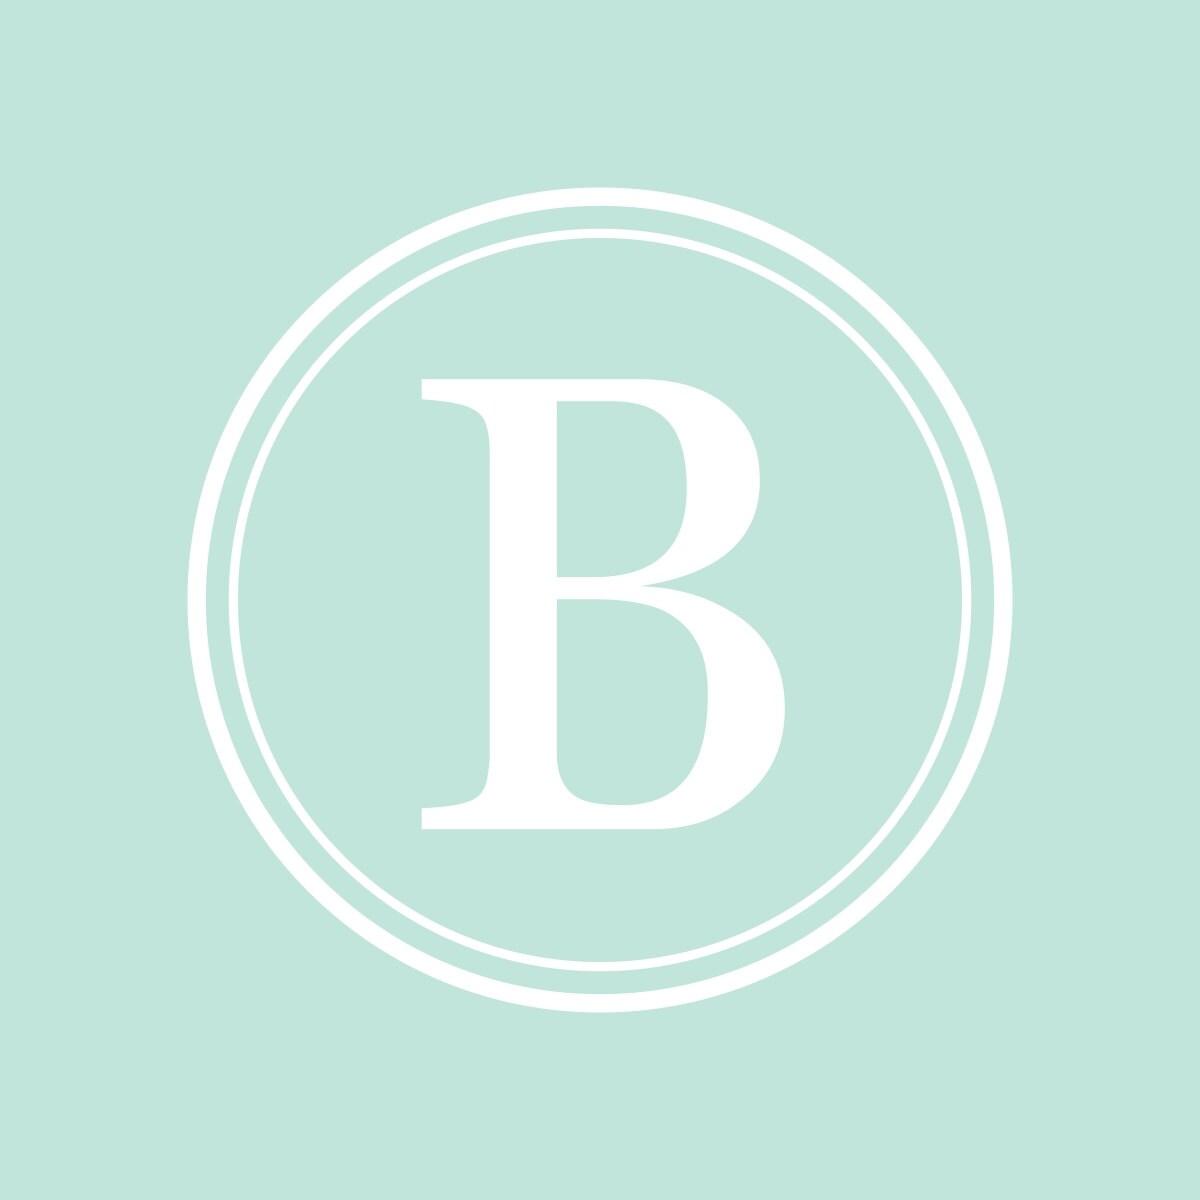 Baby Monogram Wall Decor Monogram For Boys Monogram For Girls Nursery Monogram